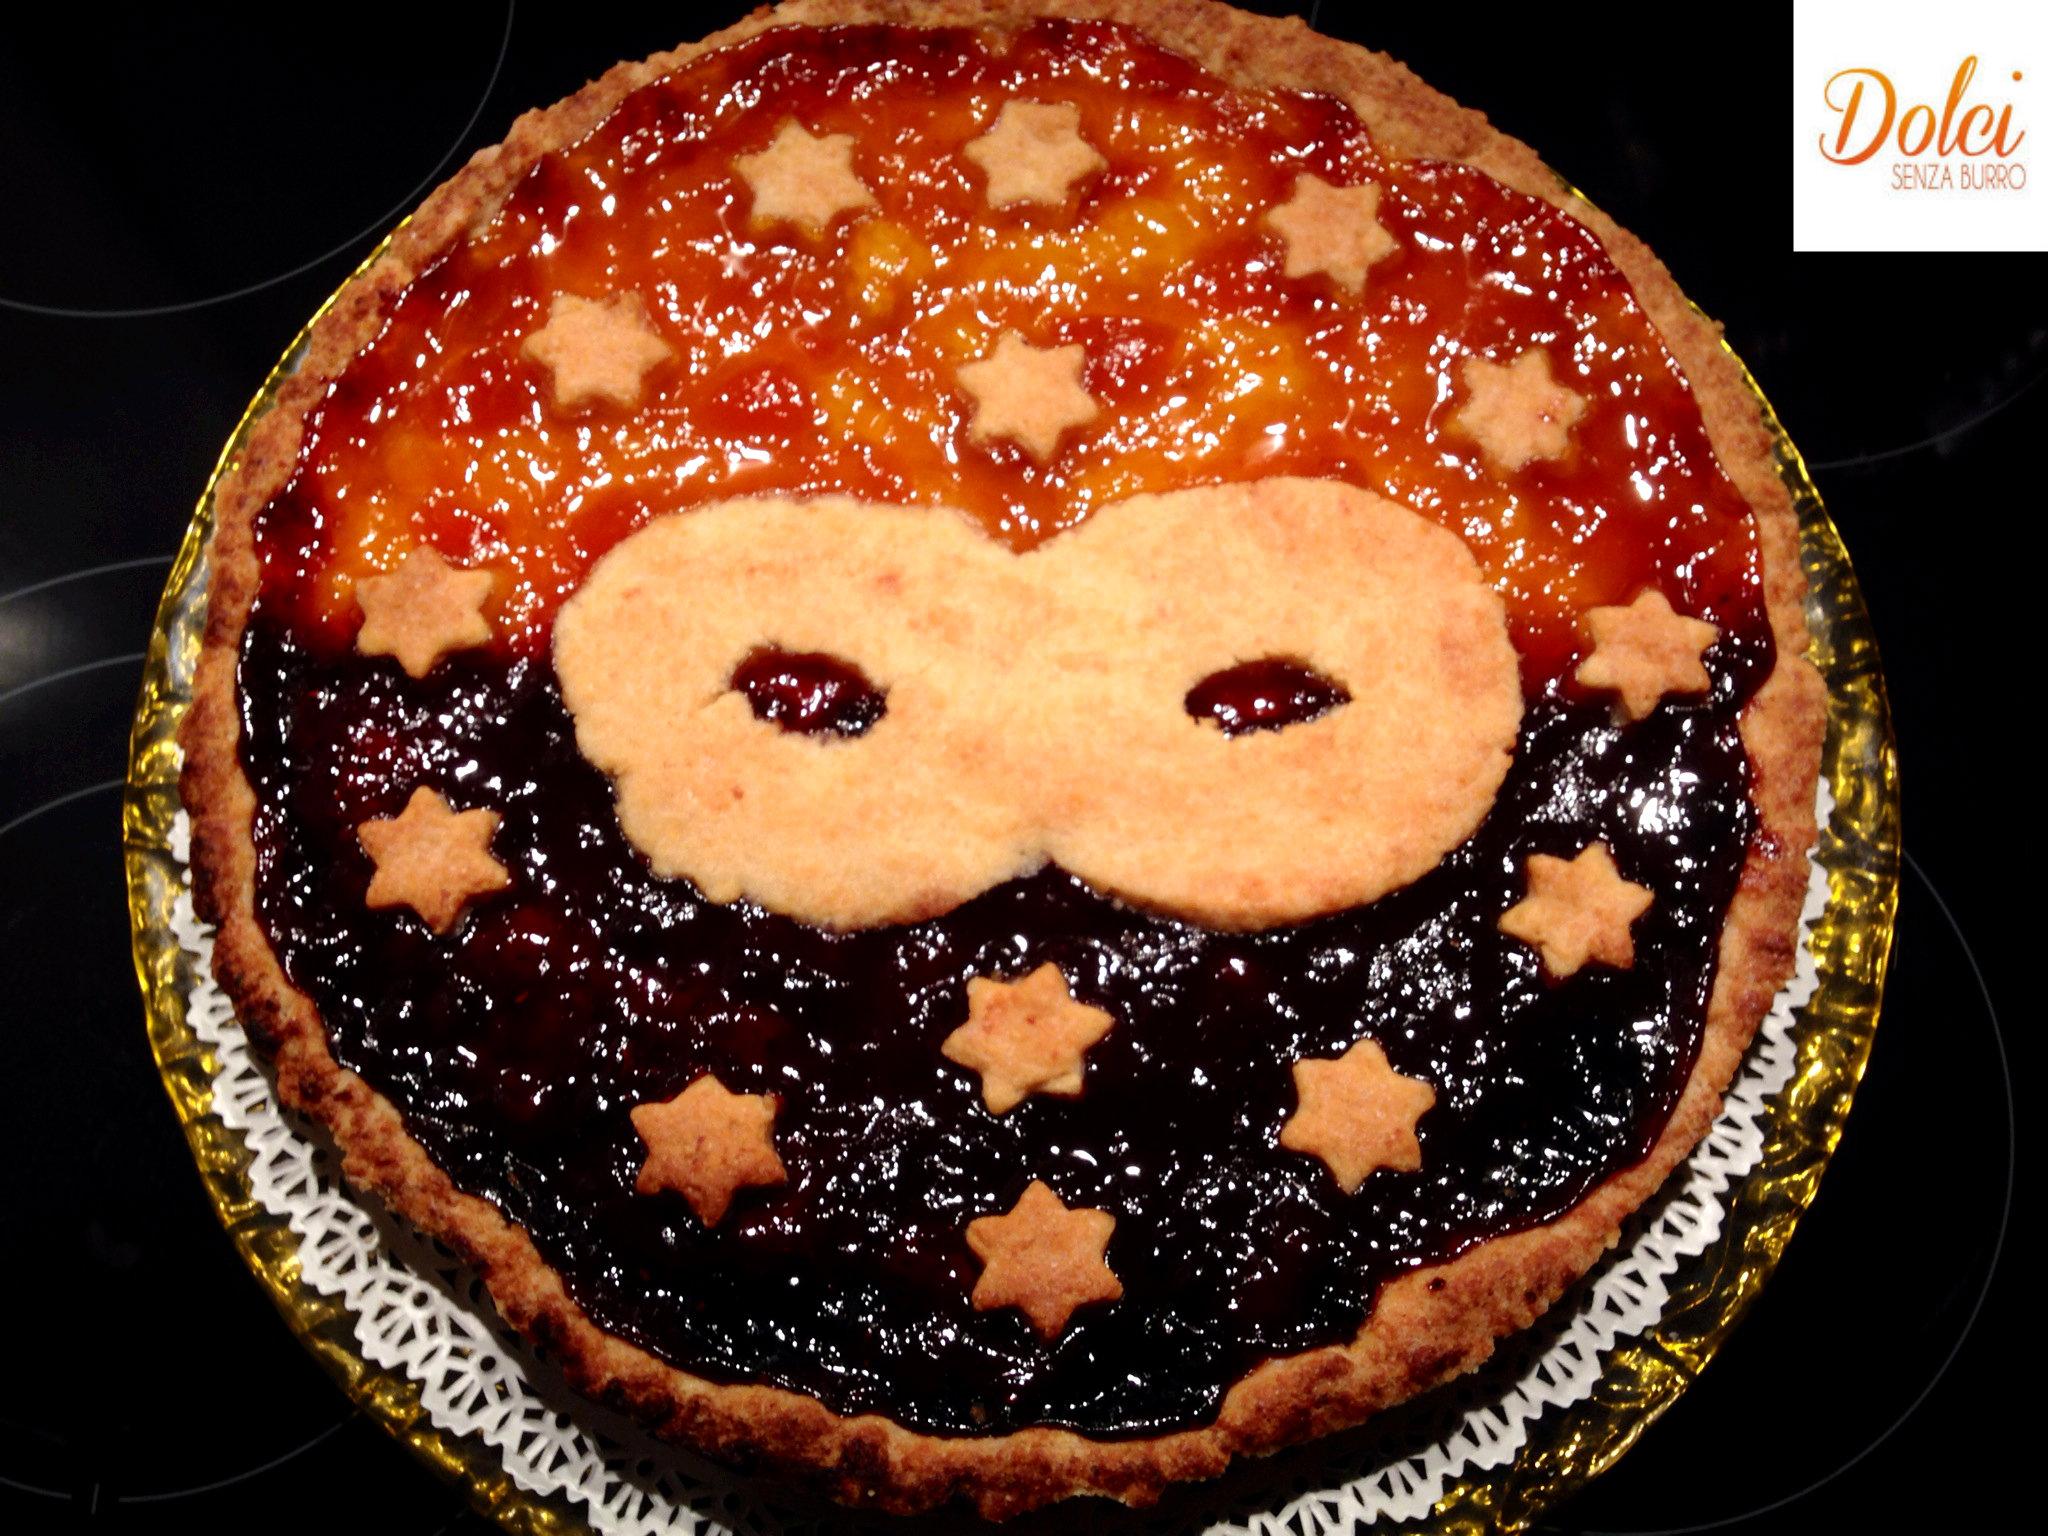 Crostata Senza Burro di Carnevale il dolce di carnevale di Dolci Senza Burro